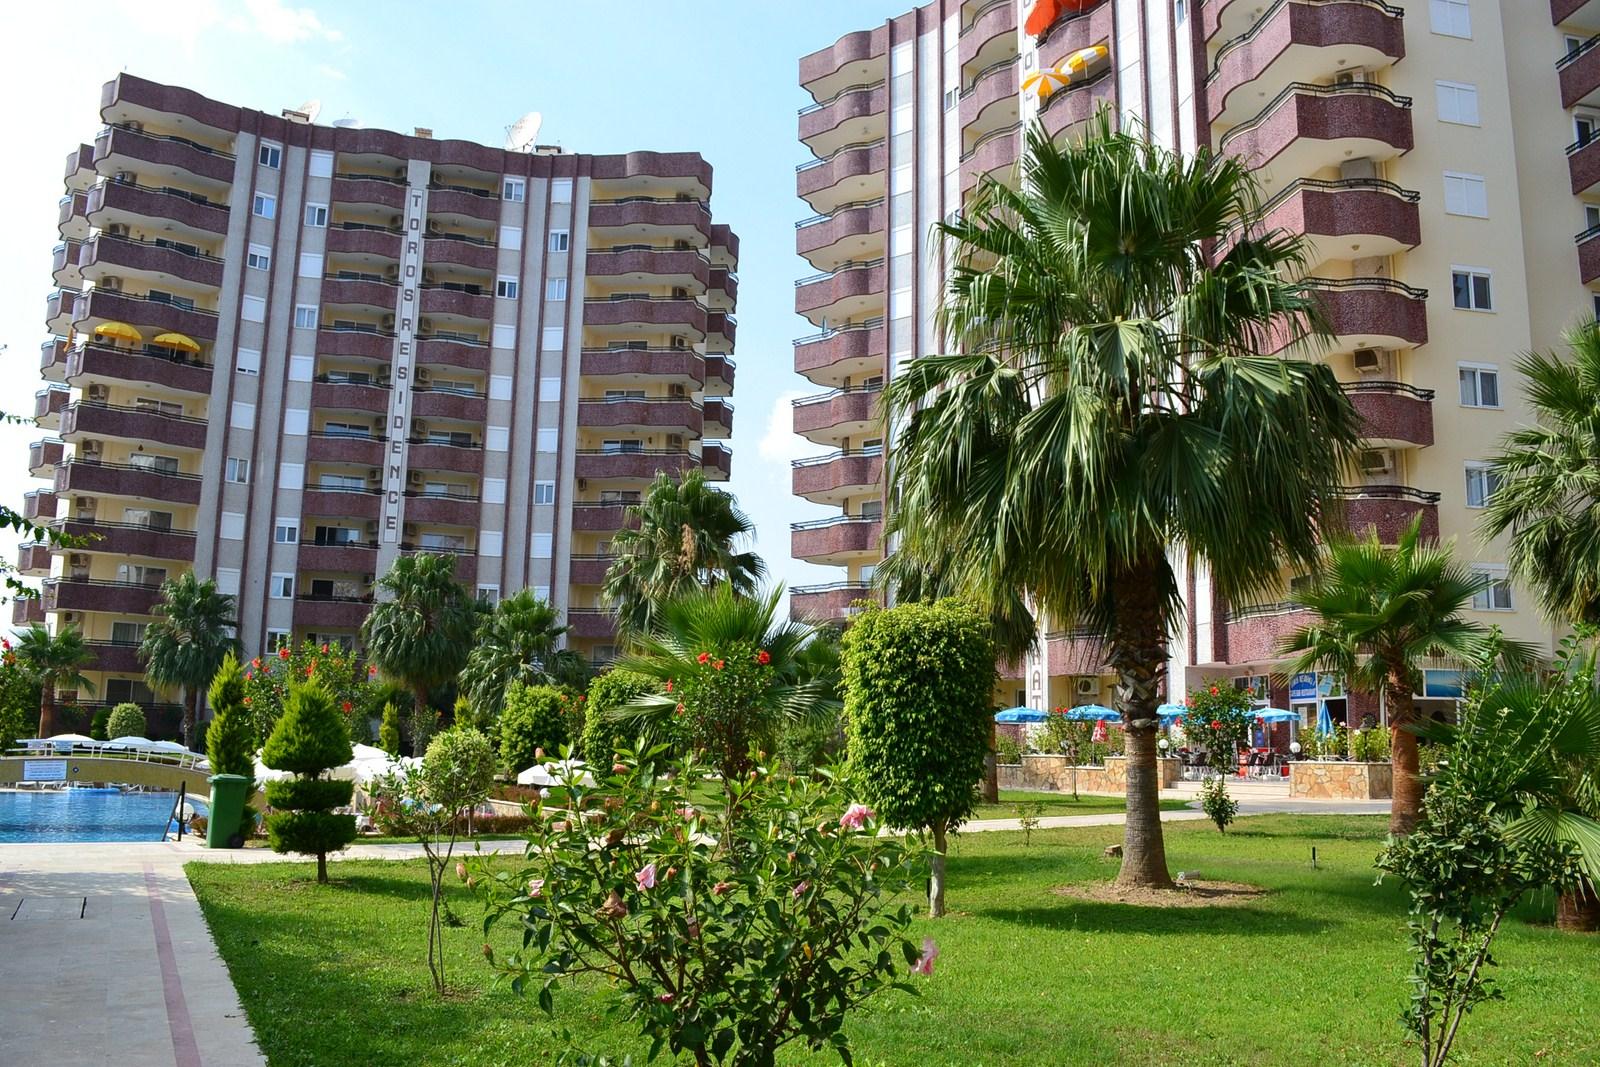 апартаменты 2+1 в ЖК Toros, стоимостью 63.000 евро